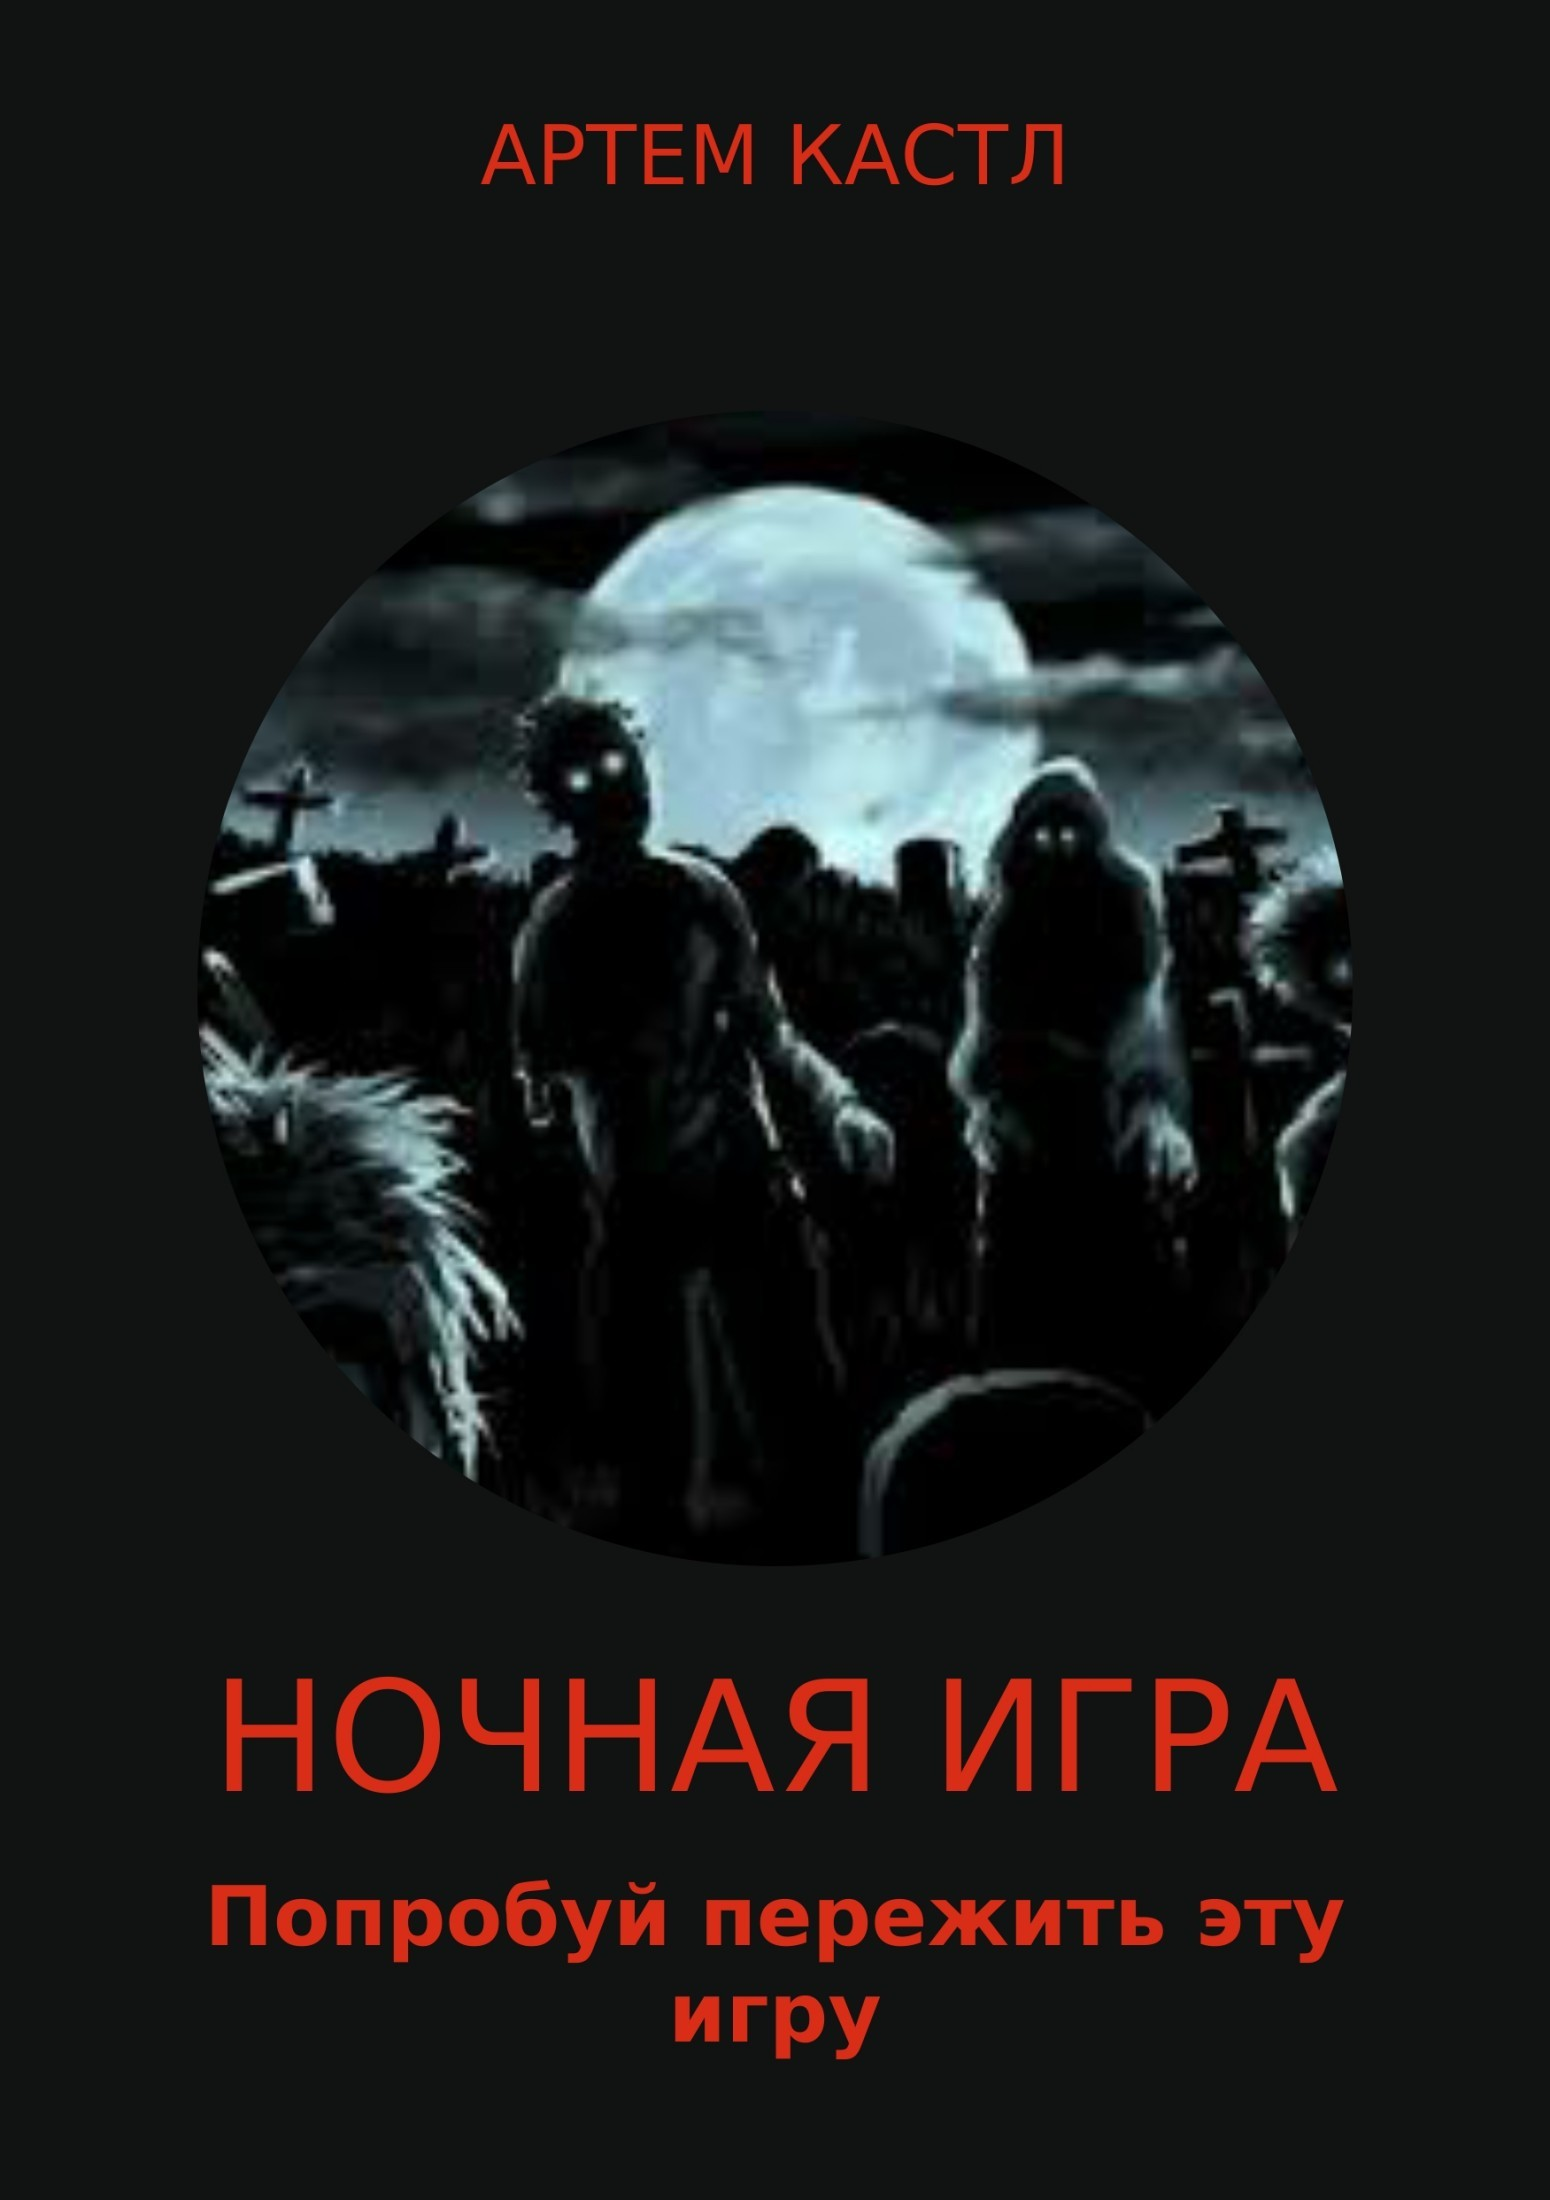 Артем Кастл. Ночная игра